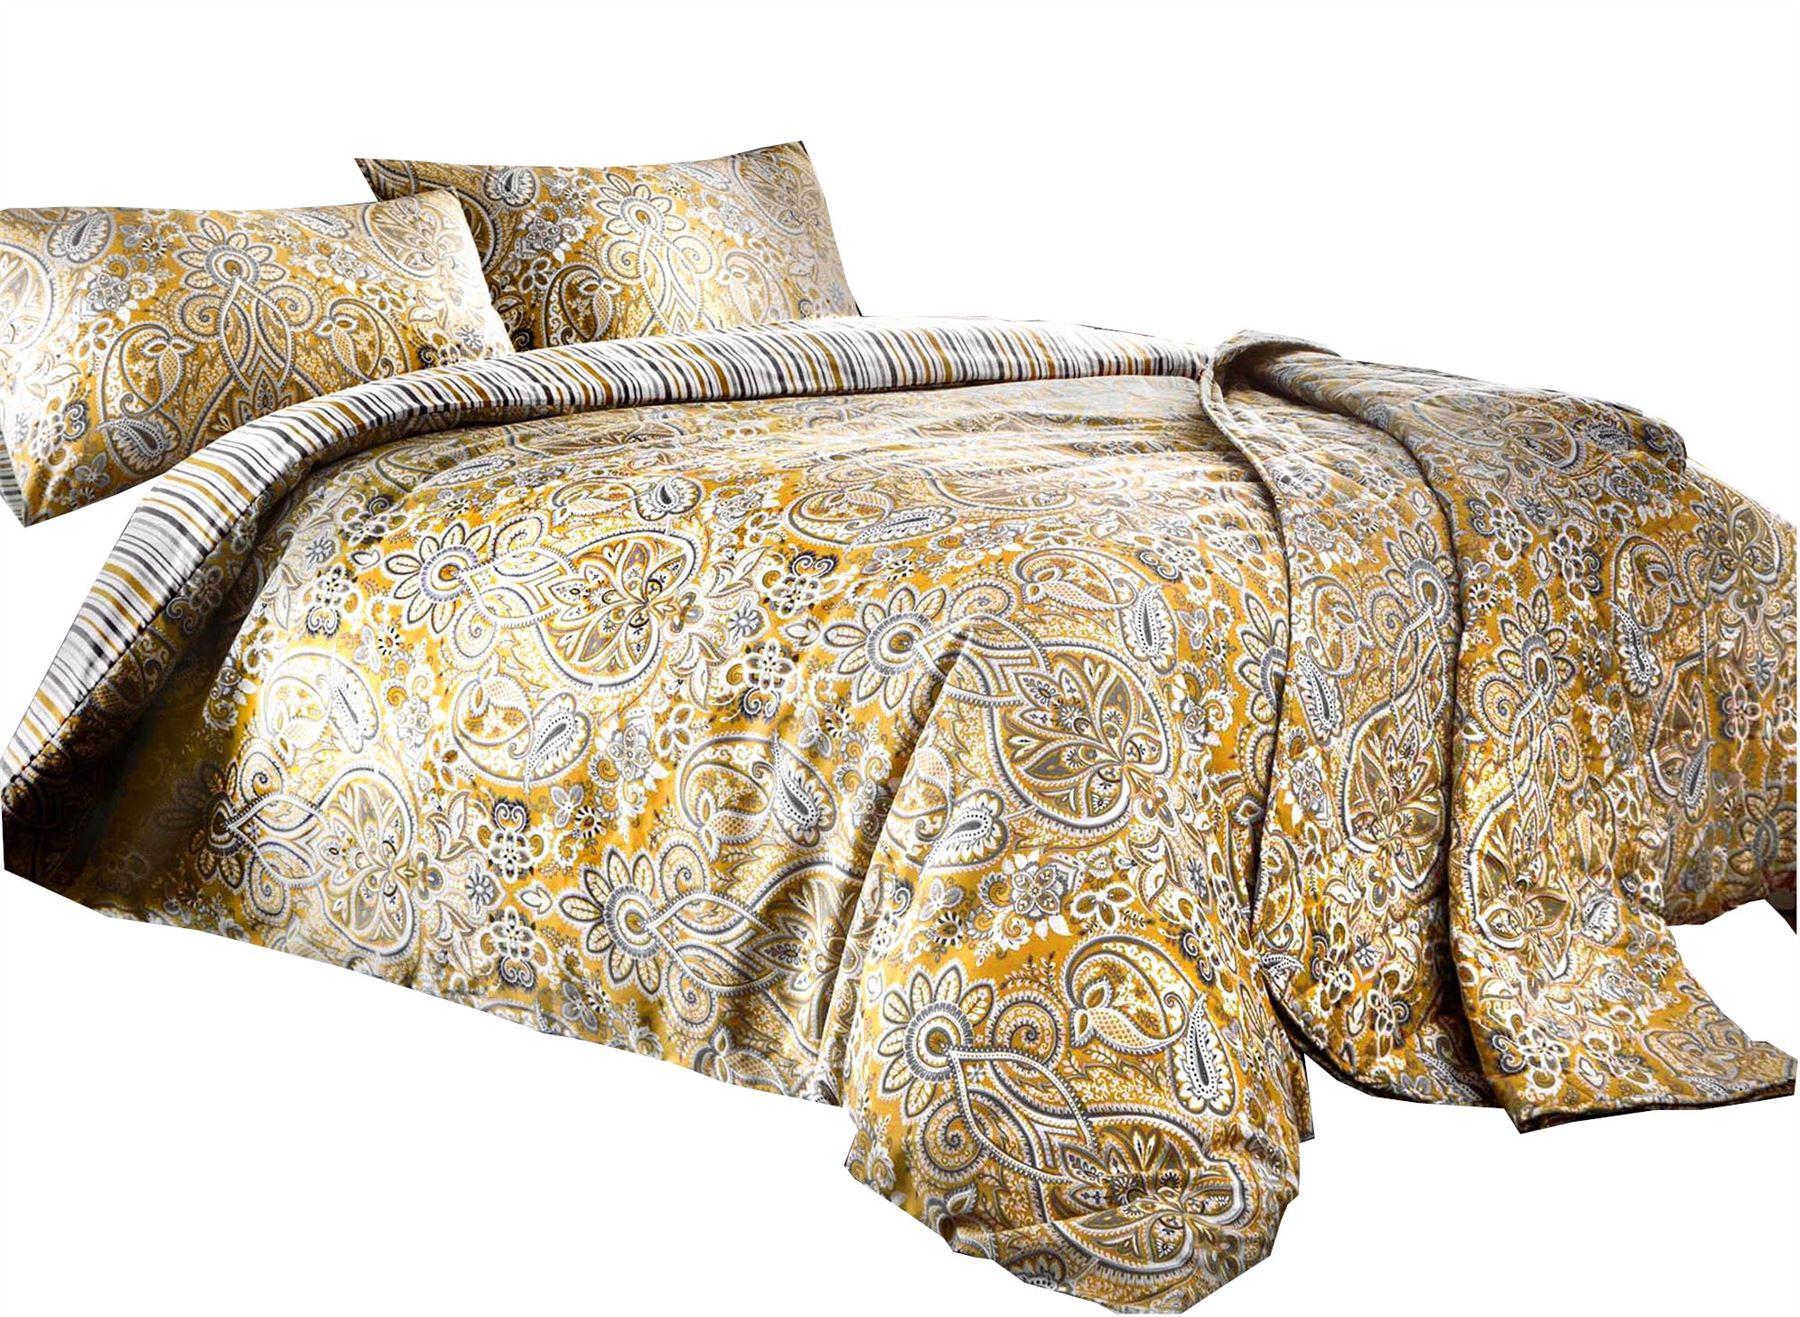 Copripiumino Color Oro.Paisley A Righe Color Ocra Oro Bianco Misto Cotone Super King